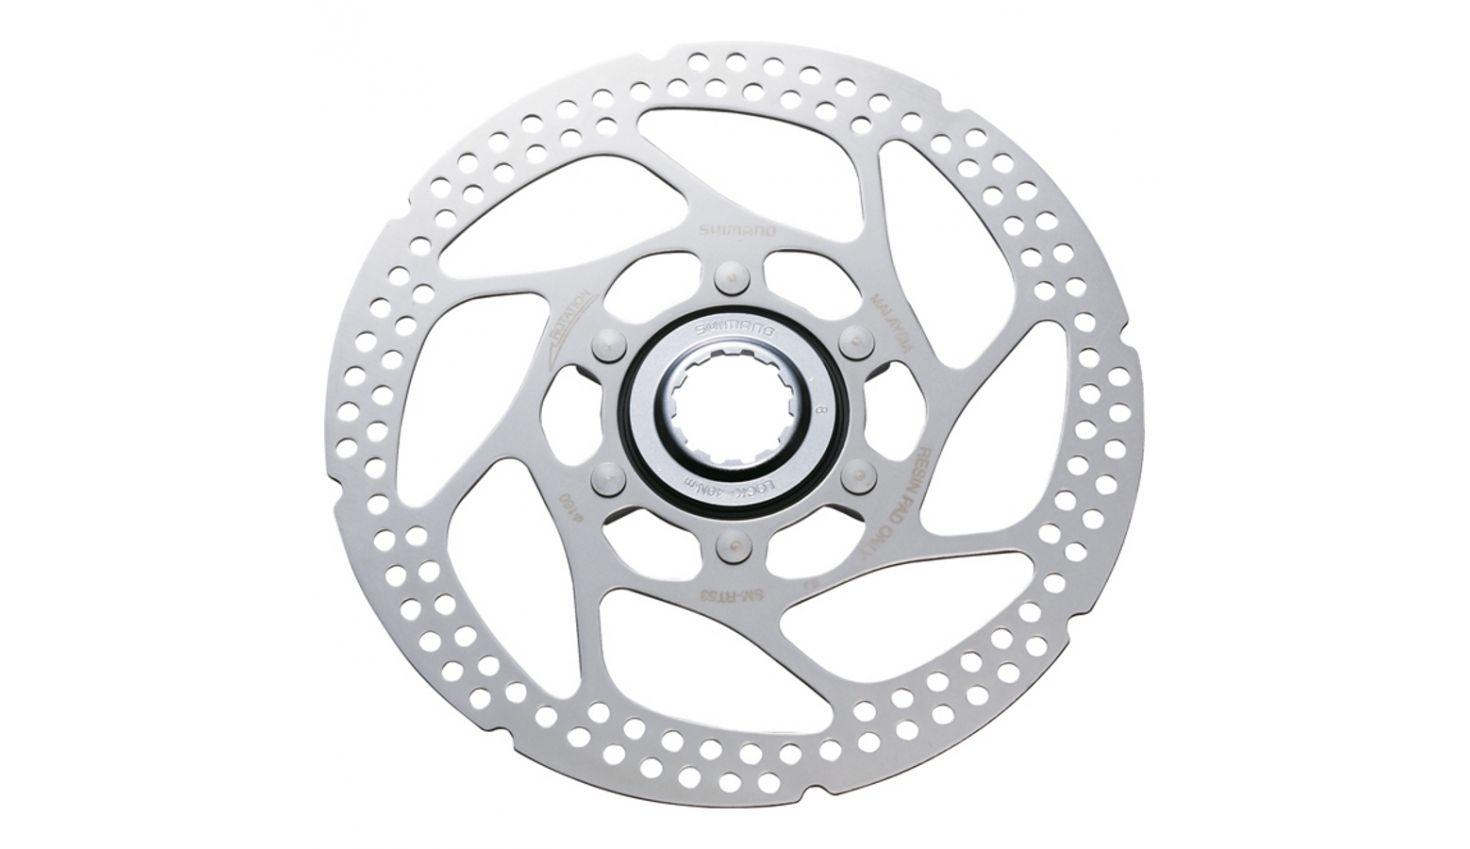 Disque de frein Shimano SLX SM-RT 53 160 mm Centerlock